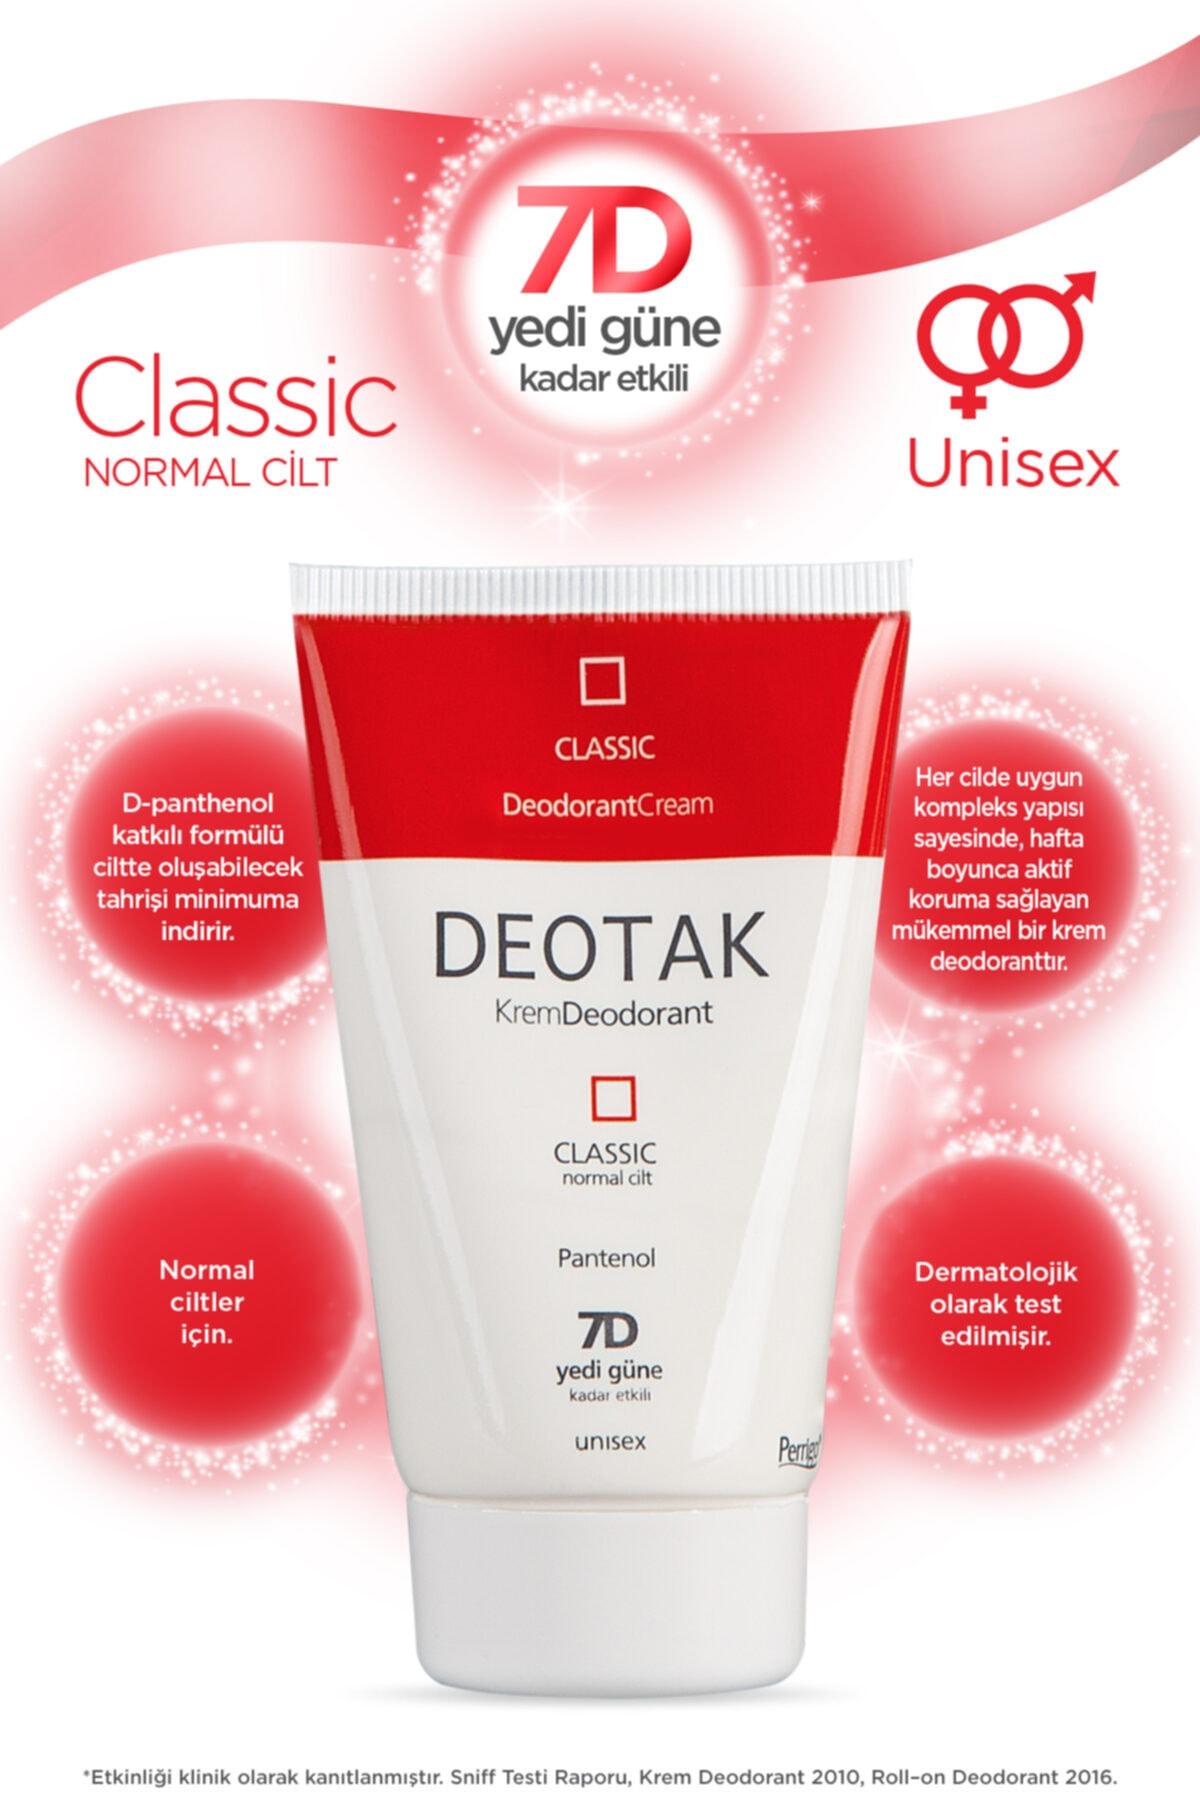 Deotak Normal Ciltler Için Klasik Krem Deodorant 35ml 2